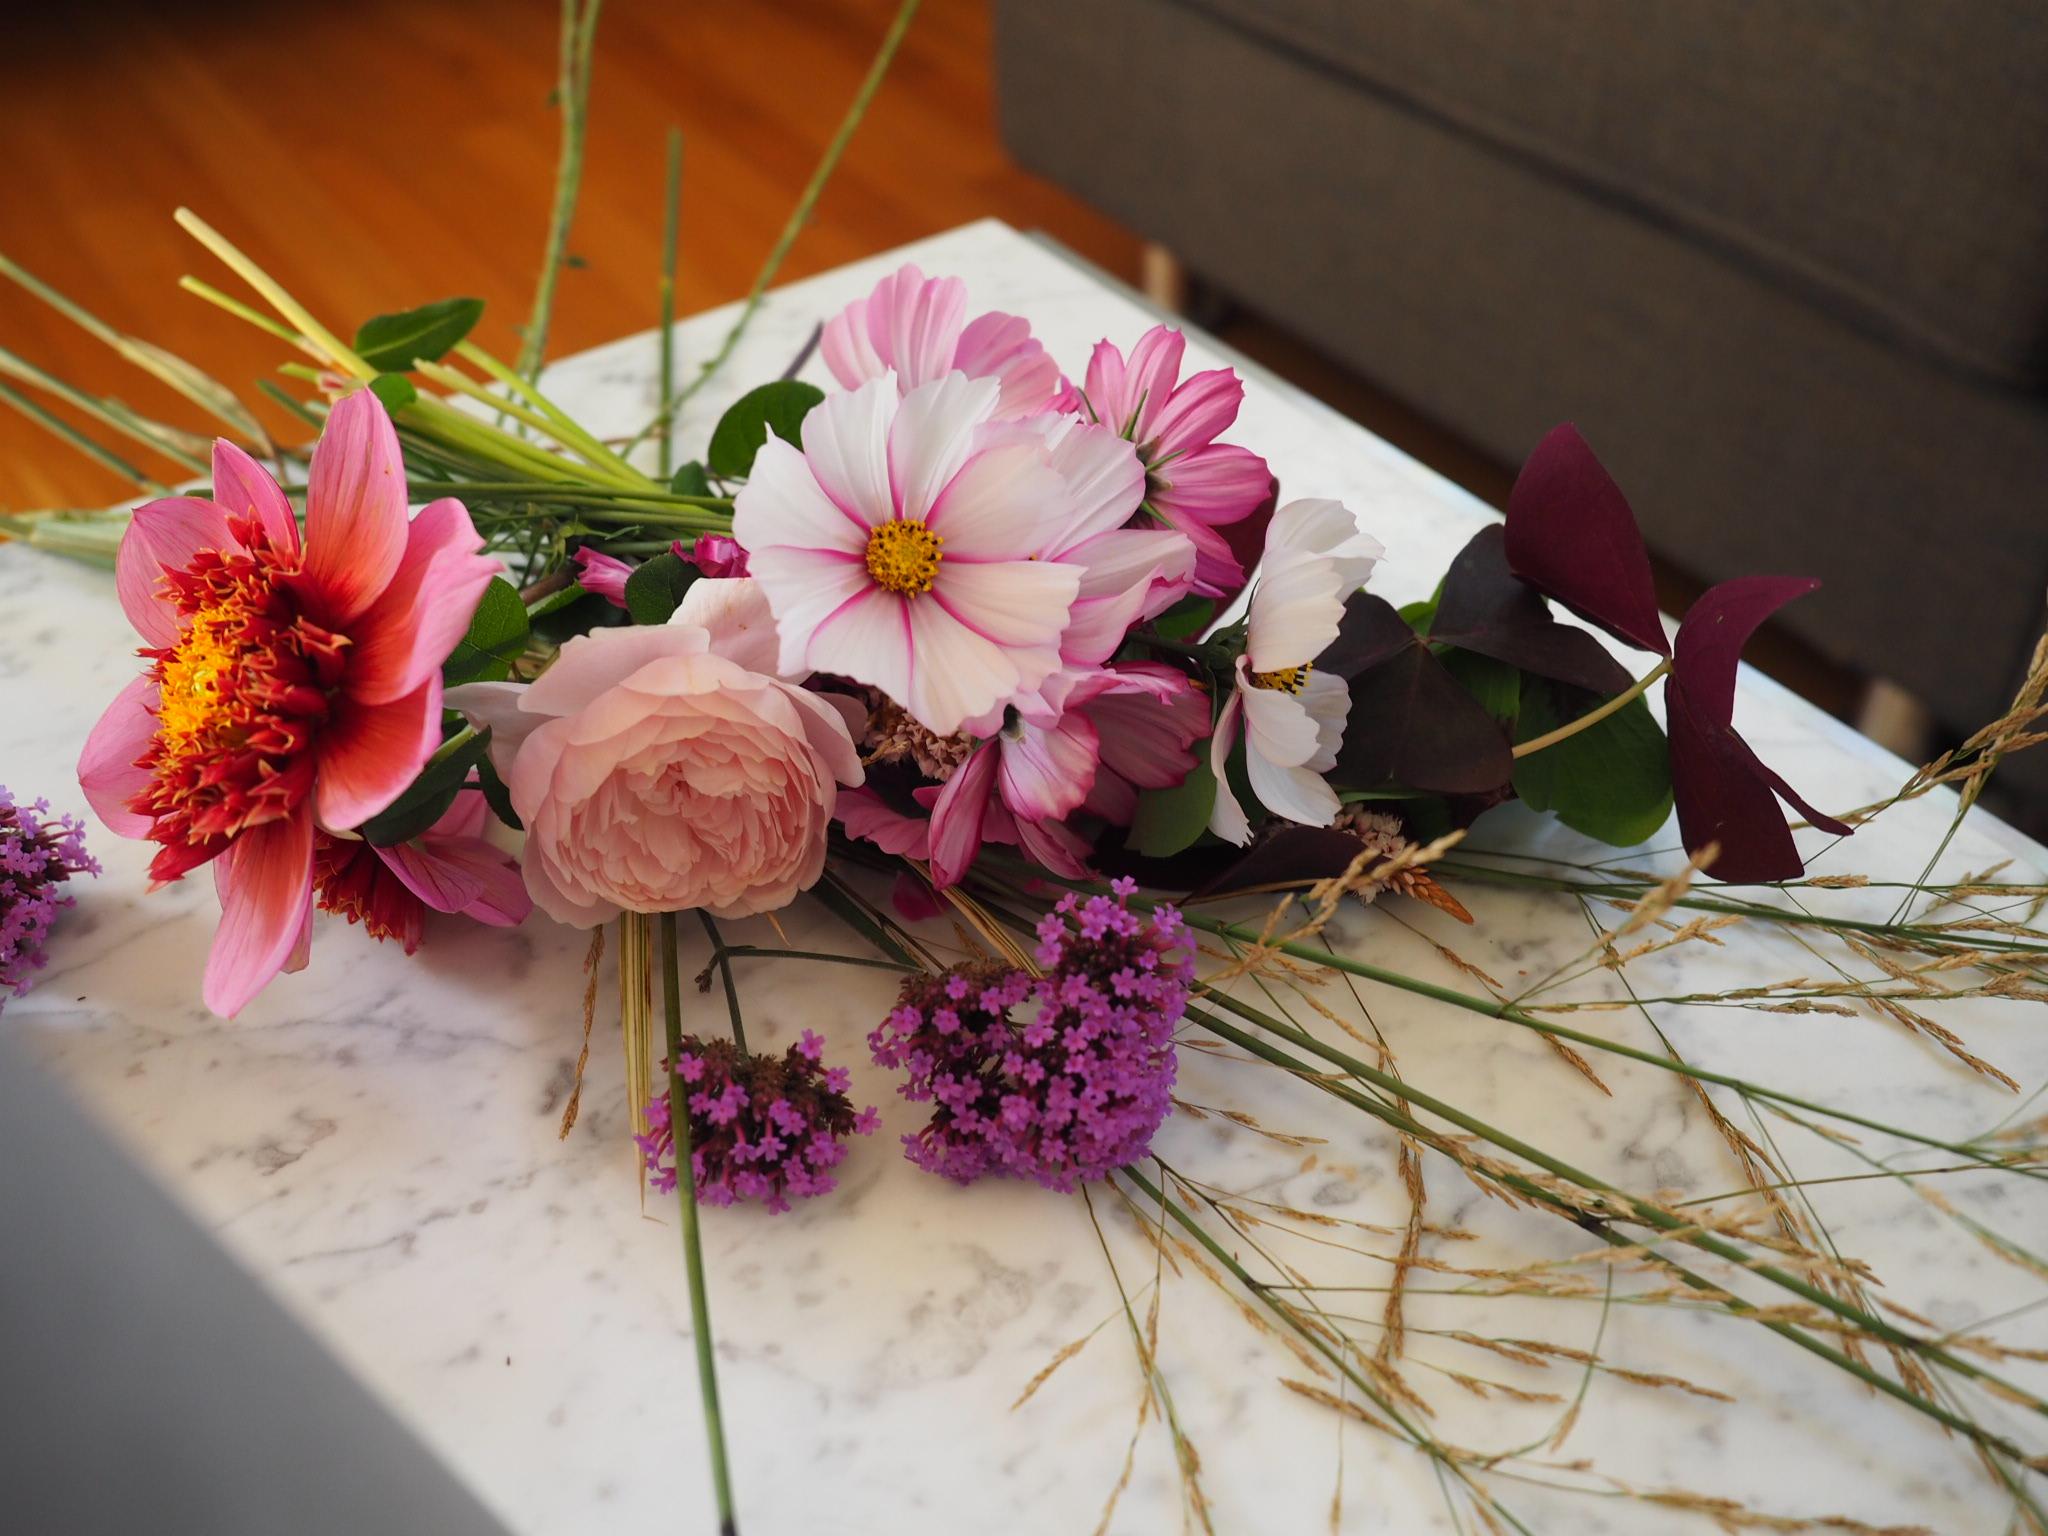 Flytt sensommerhagen inn med blomster i vase.